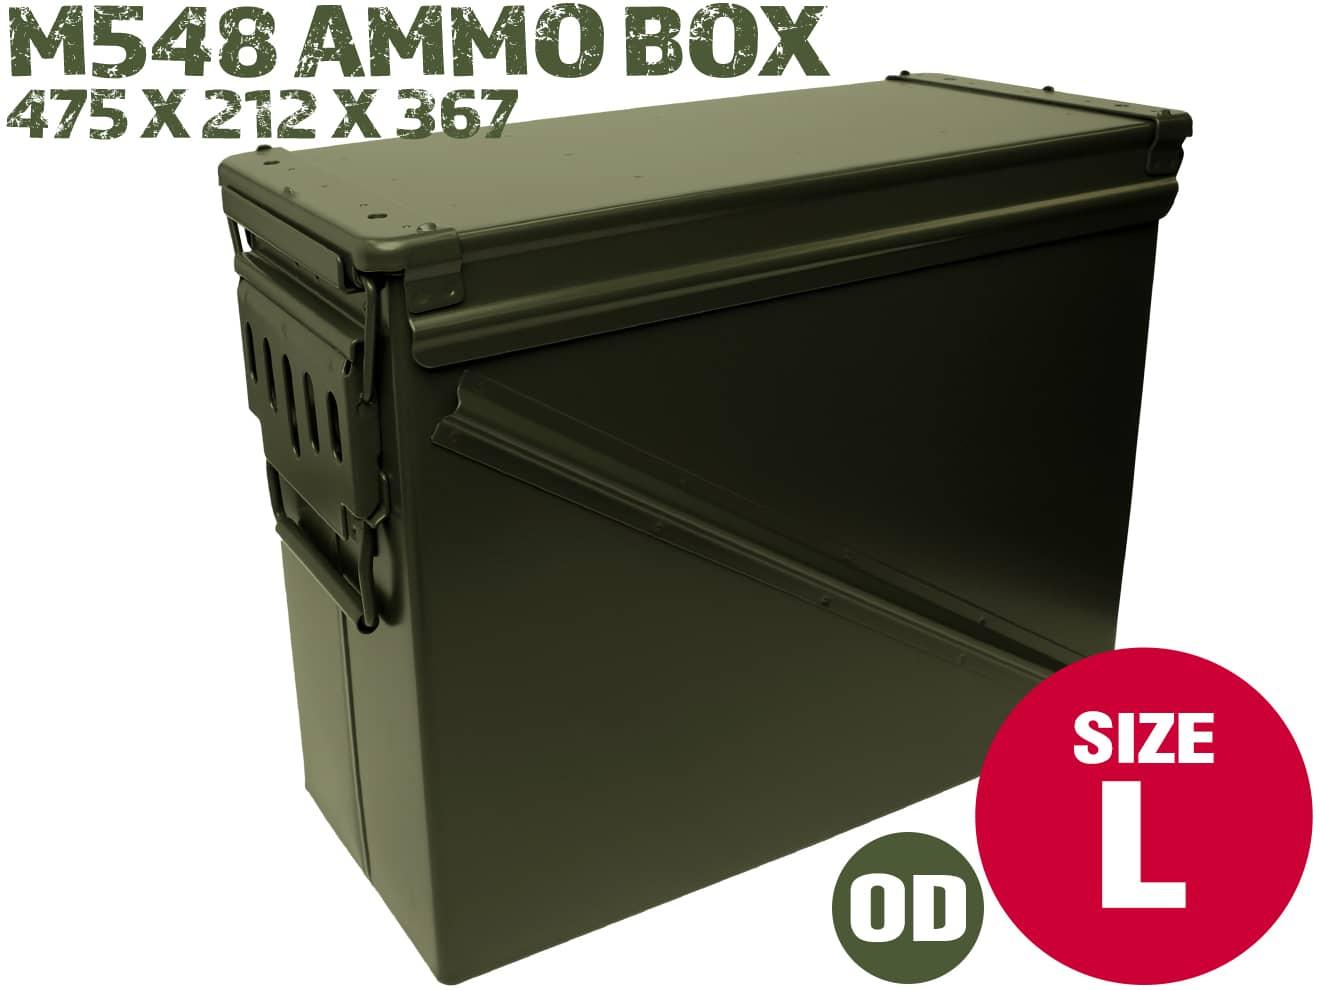 【40mmグレネード弾ケースモデリング】M548タイプ 40mm アンモボックス/OD◆ガンパーツ/部品/ツール/工具の収納・運搬に!店舗オブジェにも!